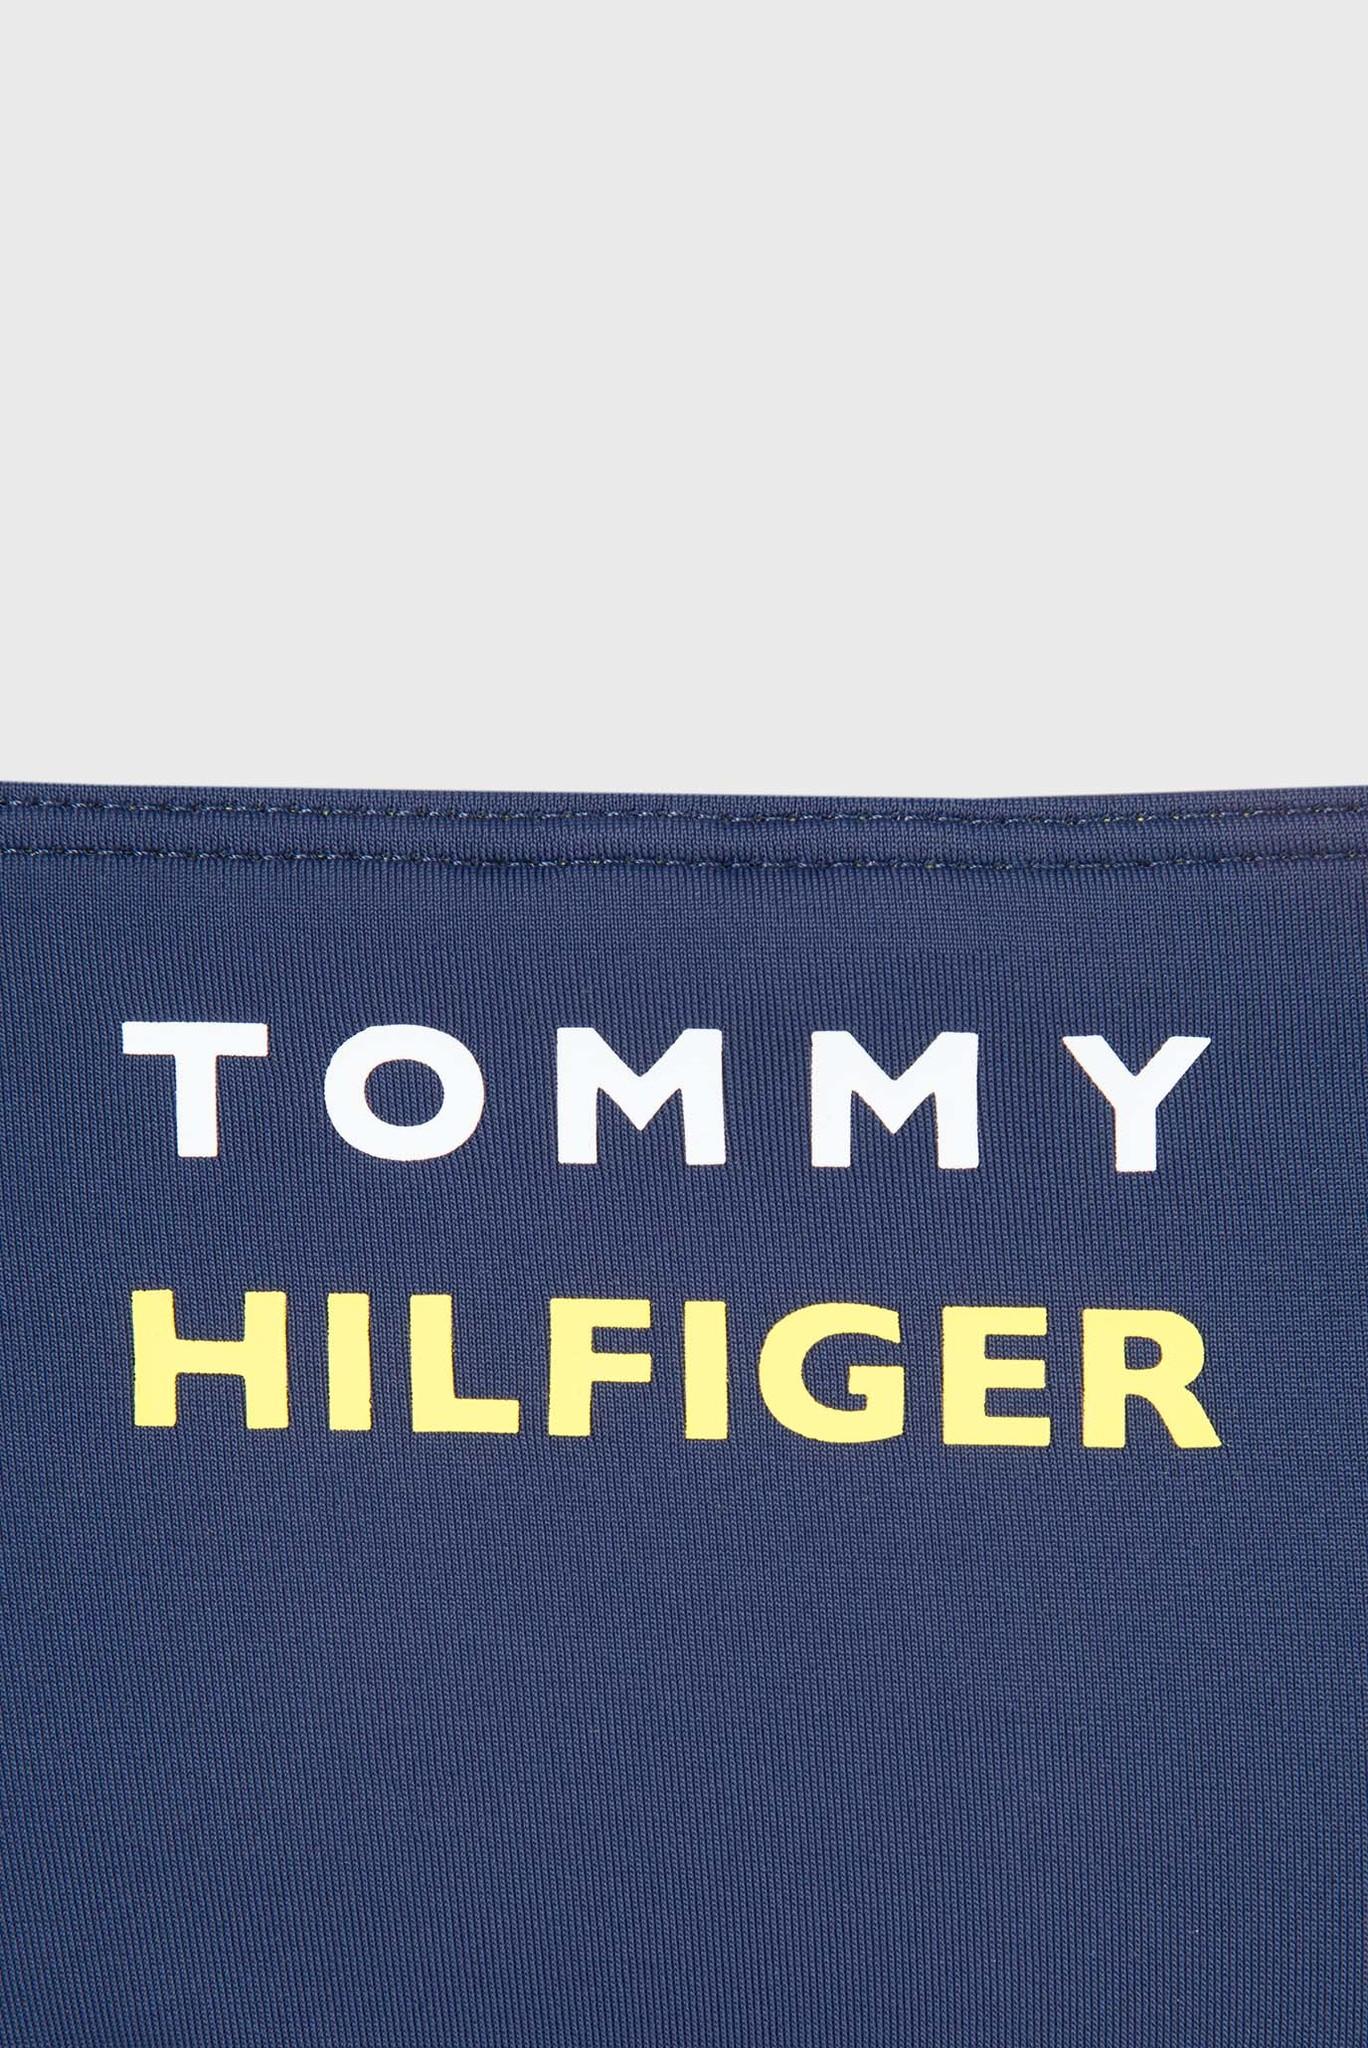 Женские темно-синие трусики от купальника Tommy Hilfiger